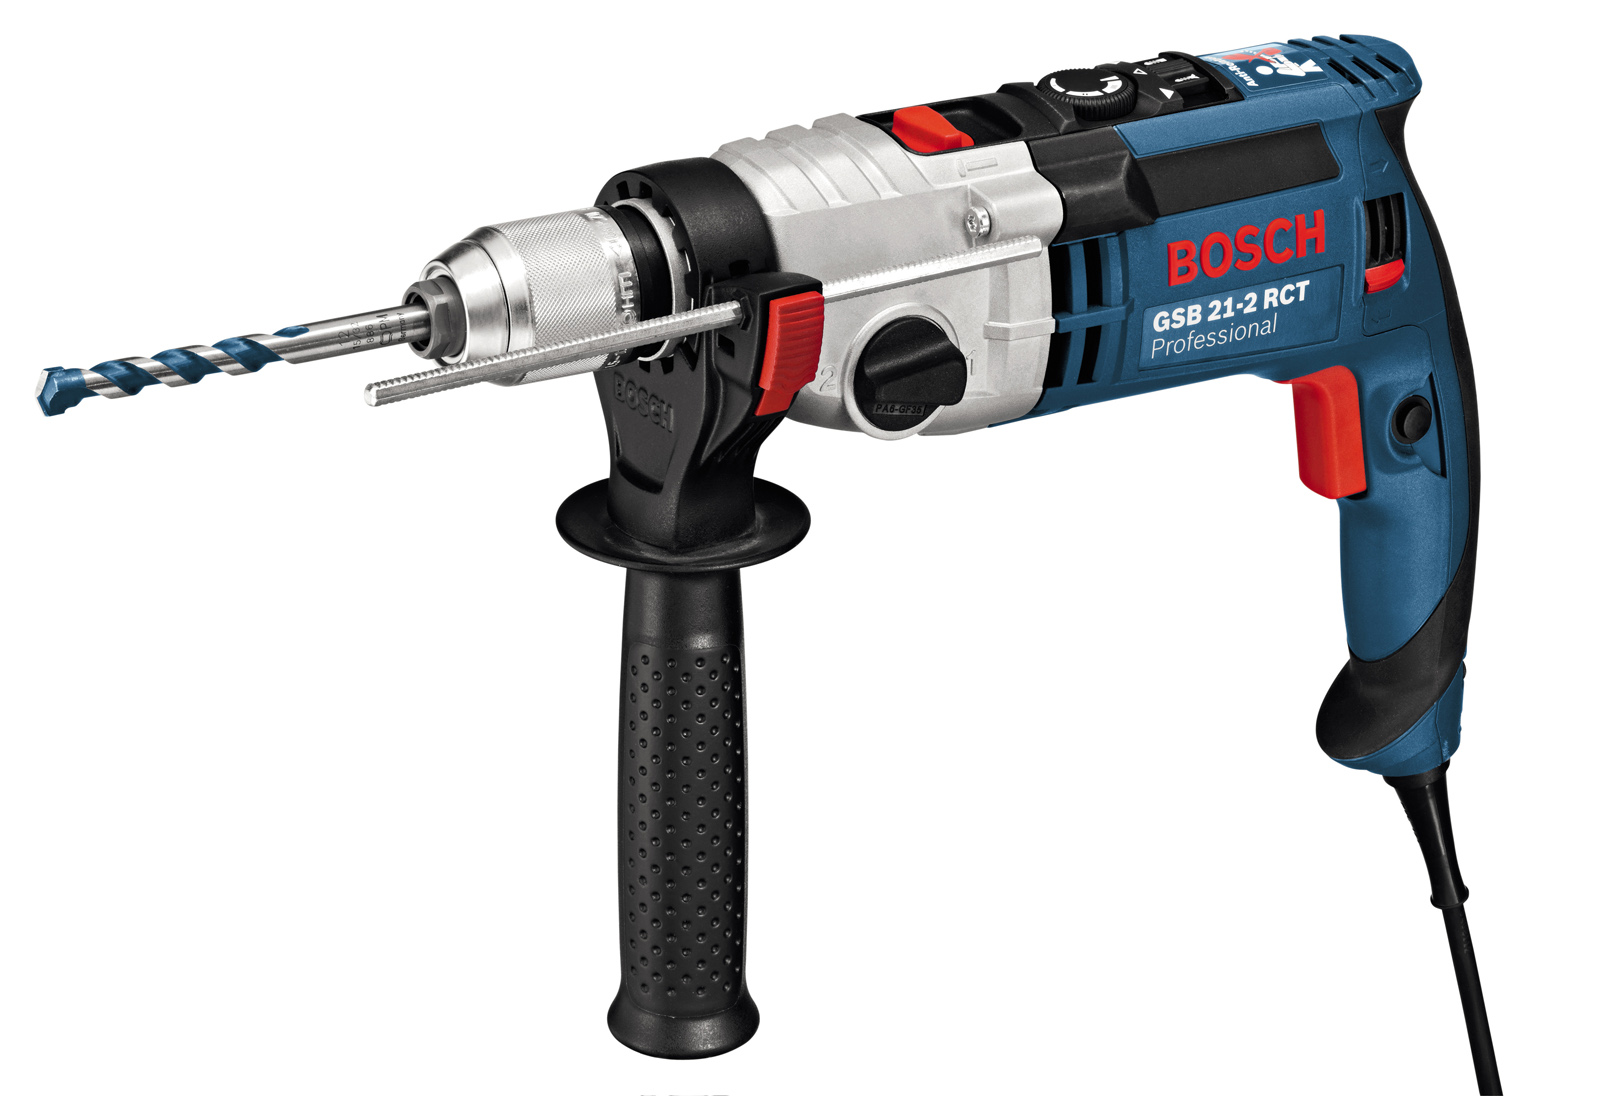 Дрель ударная BoschДрели ударные<br>Мощность: 1300, Скорости: 2, Обороты: 0-900/0-3000, Макс. обороты: 3000, Быстрозажимной патрон: есть, Диаметр патрона: 13, Тип патрона: БЗП, Число ударов: 51000, Макс. диаметр сверления (металл): 16, Макс. диаметр сверления (дерево): 40, Макс. диаметр сверления (камень): 22, Две и более механических скоростей: есть, Поддержание постоянного количества оборотов: есть, Электронная регулировка числа оборотов: есть, Реверс: есть, Предохранительная муфта: есть, Вес нетто: 2.9, Поставляется в: кейсе, BOSCH Professional: есть<br>